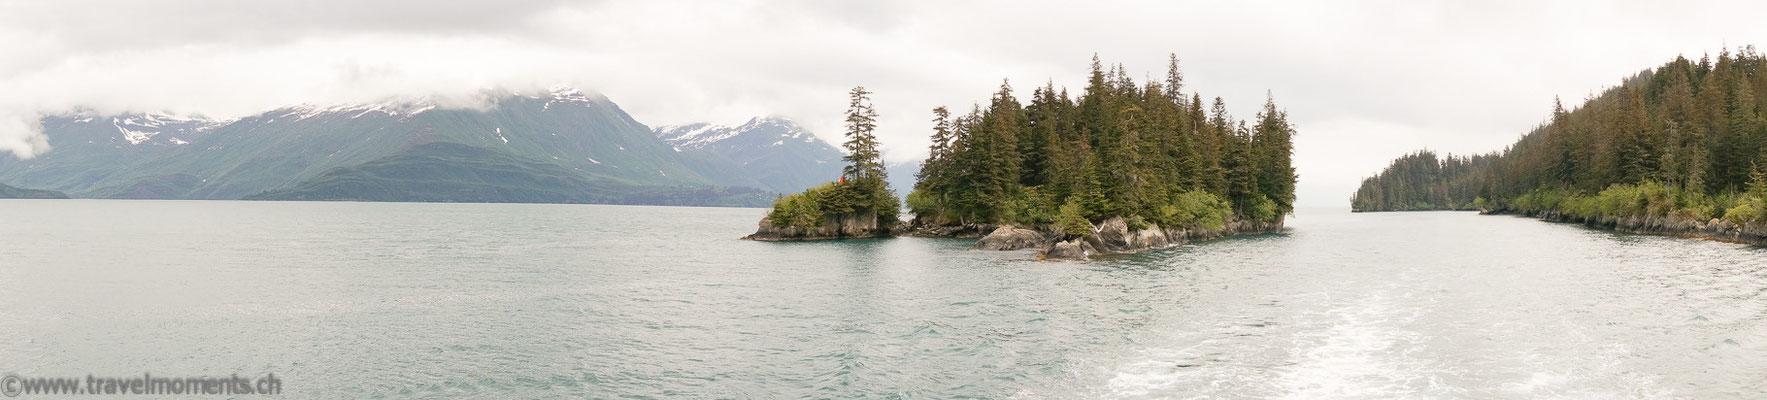 Glacier & Wildlife Cruises zum Columbia Gletscher